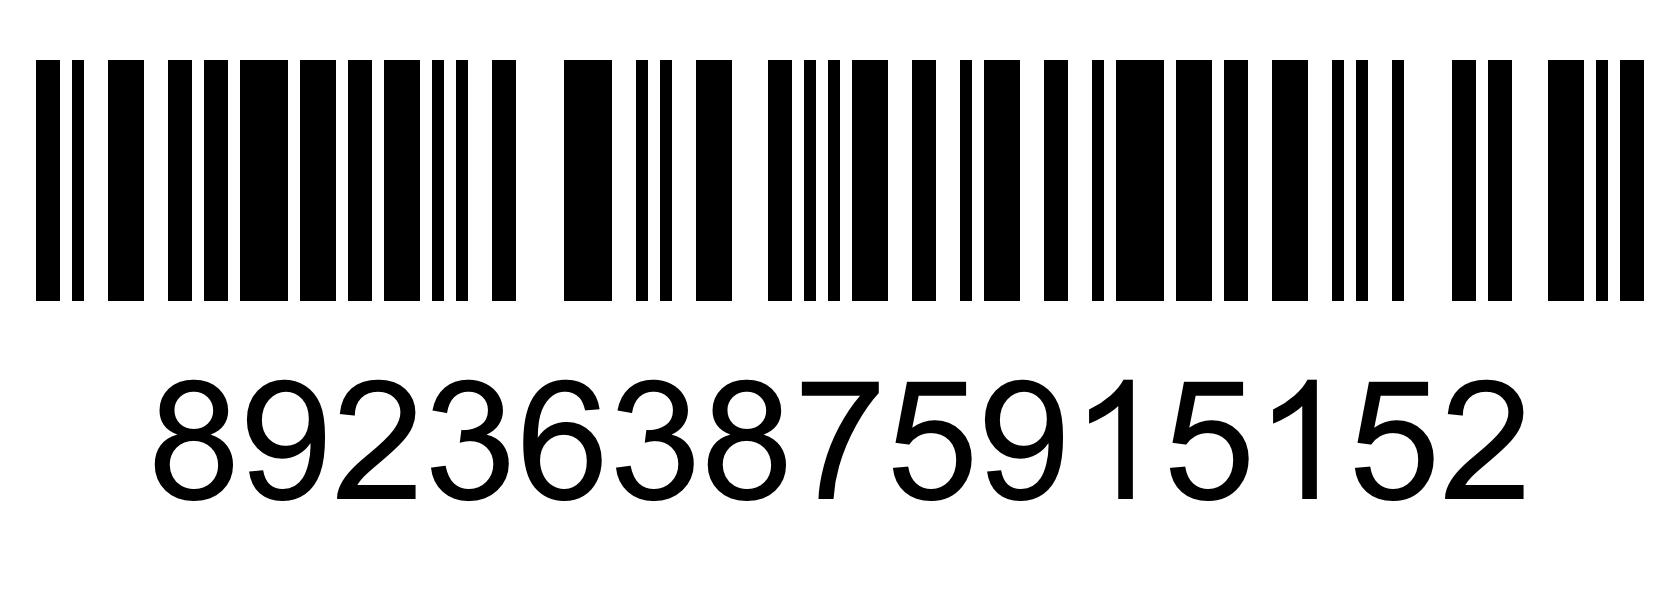 Barcode - 892363875915152